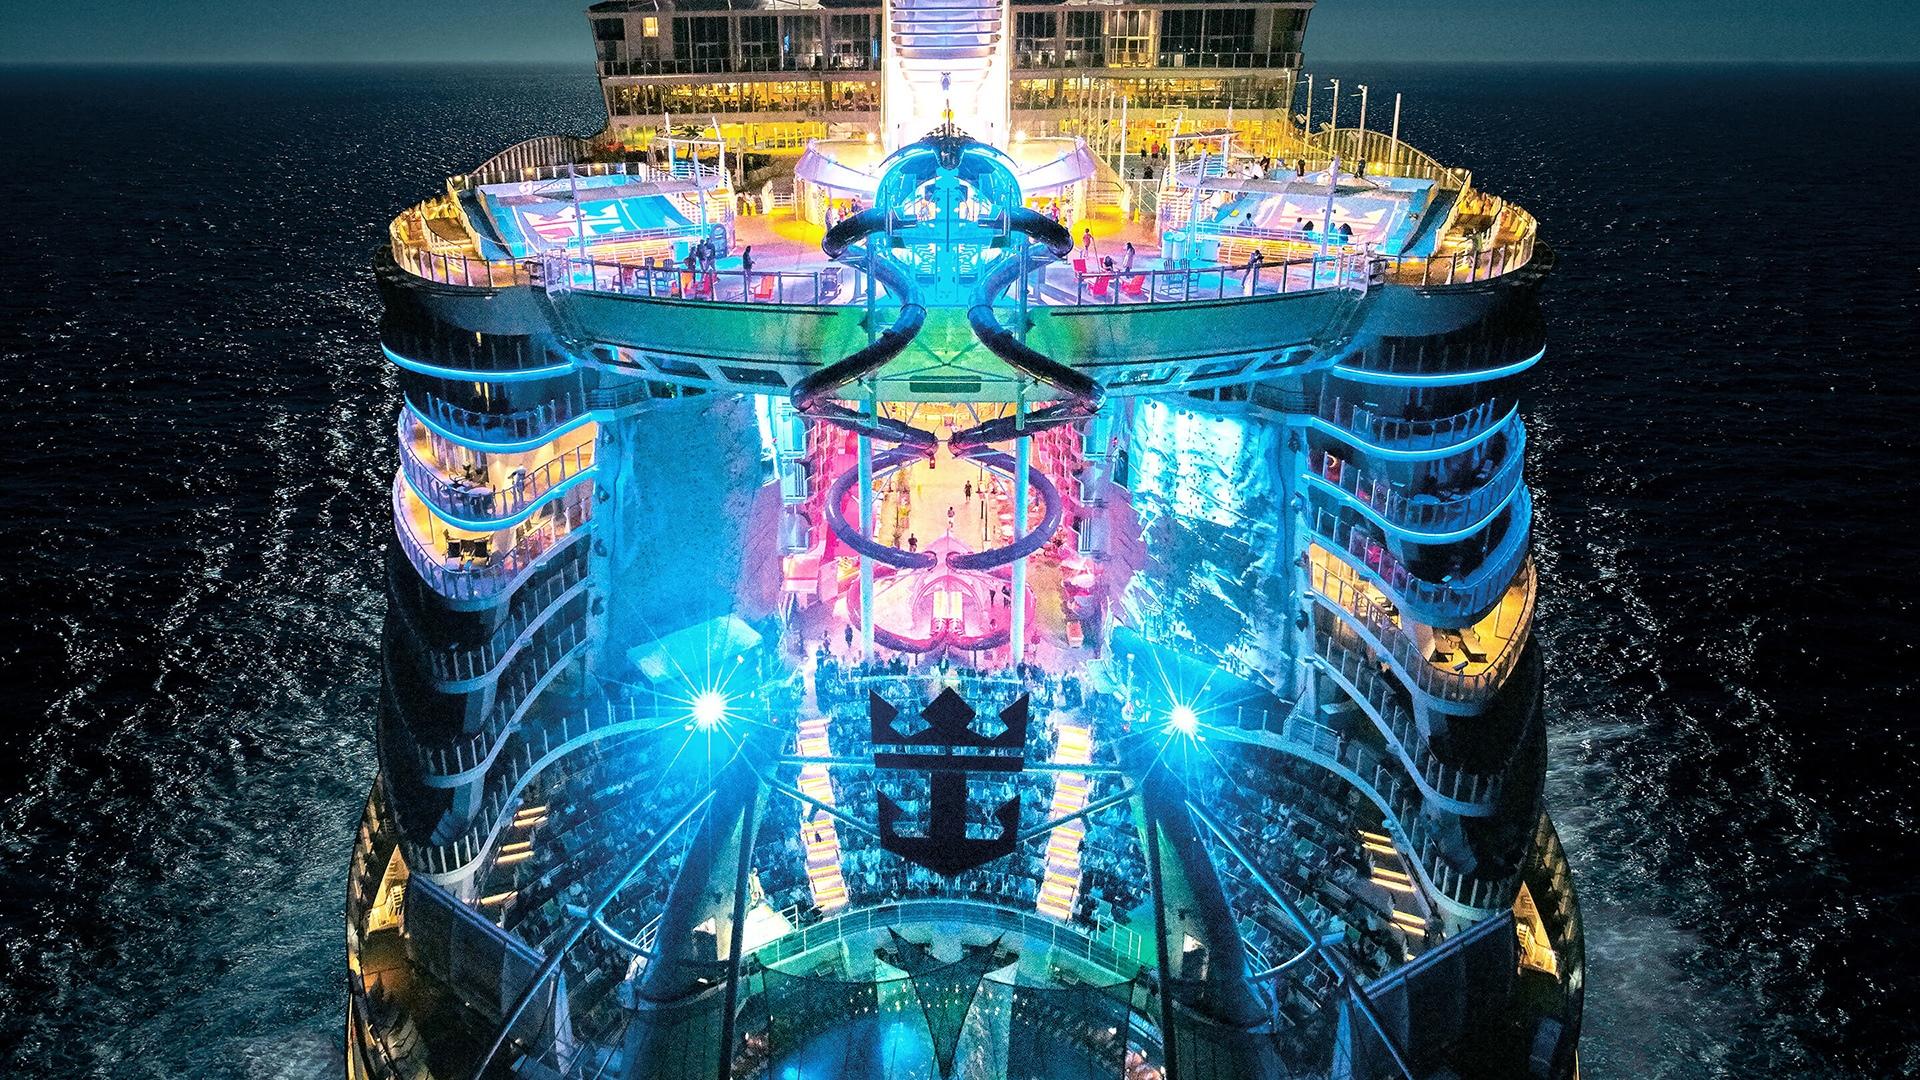 Crociere:cantieri Stx consegnano Sympnony of the Seas a Rccl